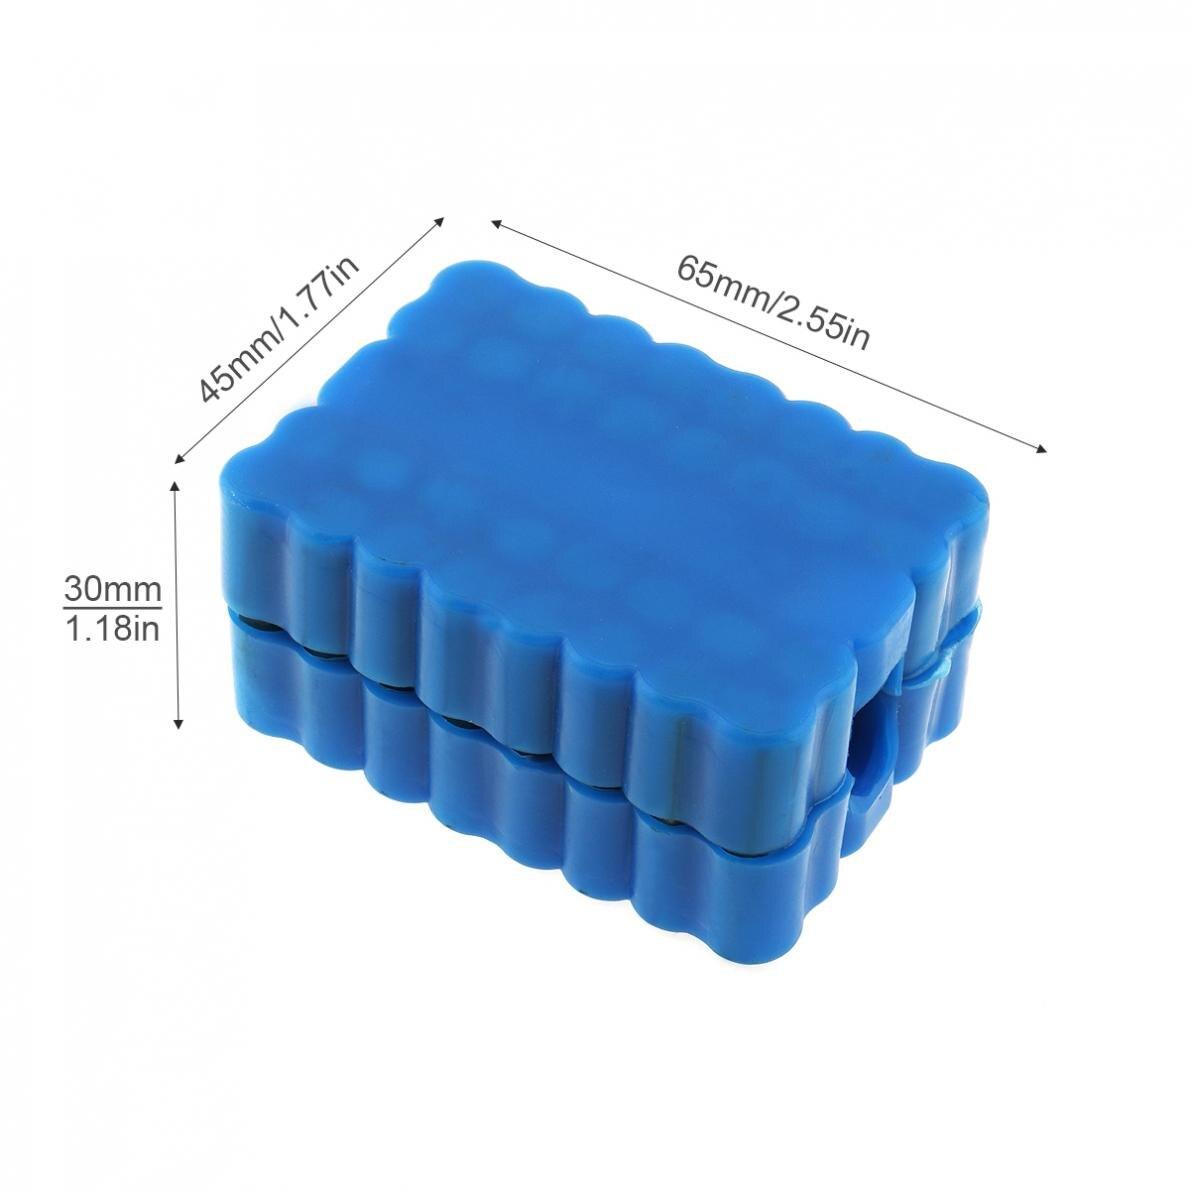 Juego de destornilladores huecas azules 33 en 1 con Hexagonal y Torx, lote especial de carga, taladro en forma de destornillador, herramienta para tornillo